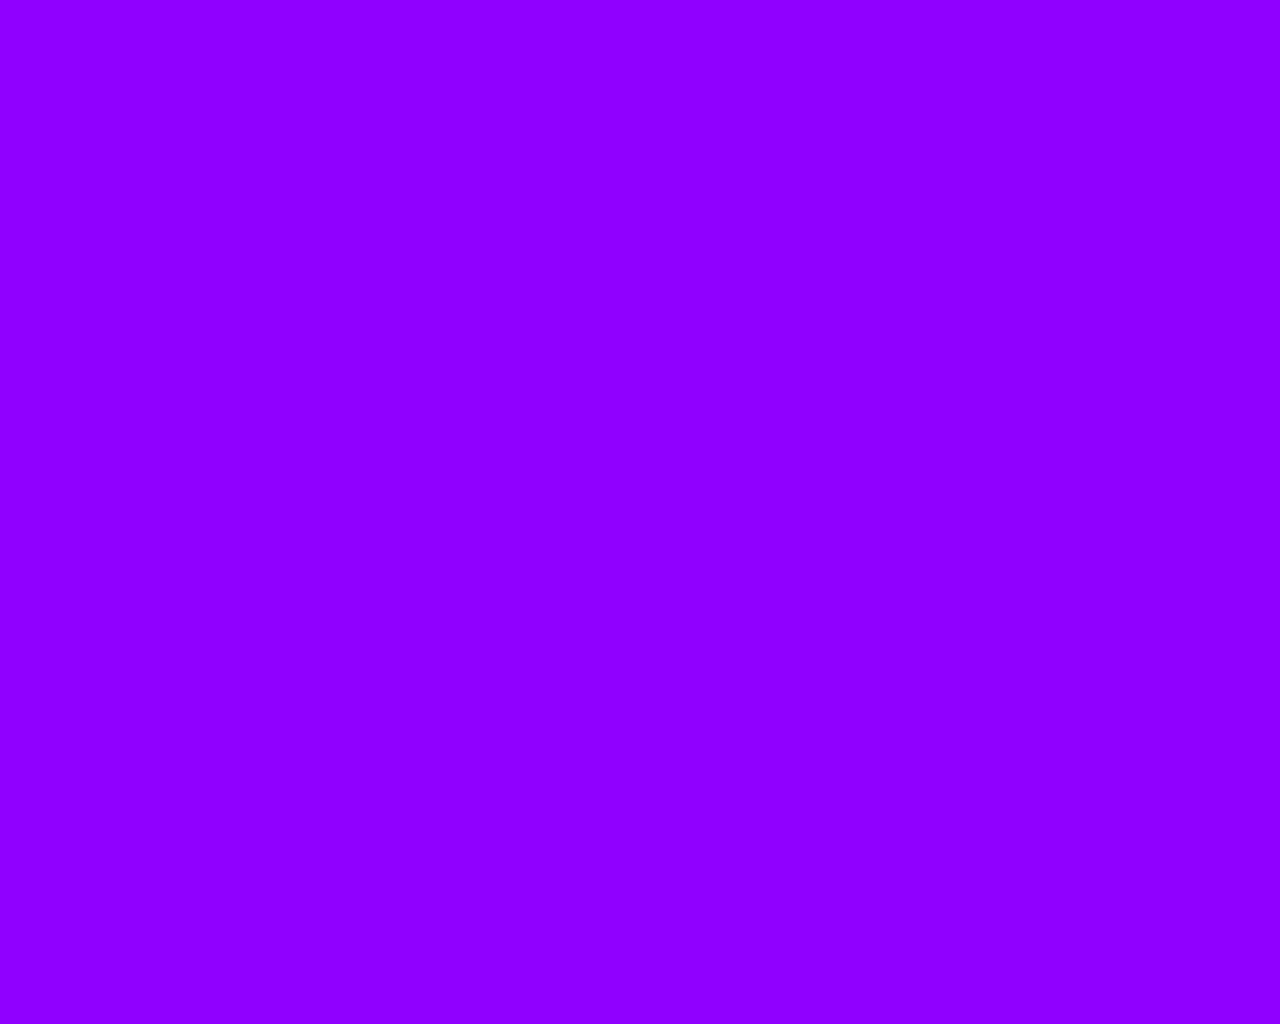 1280x1024 Violet Solid Color Background